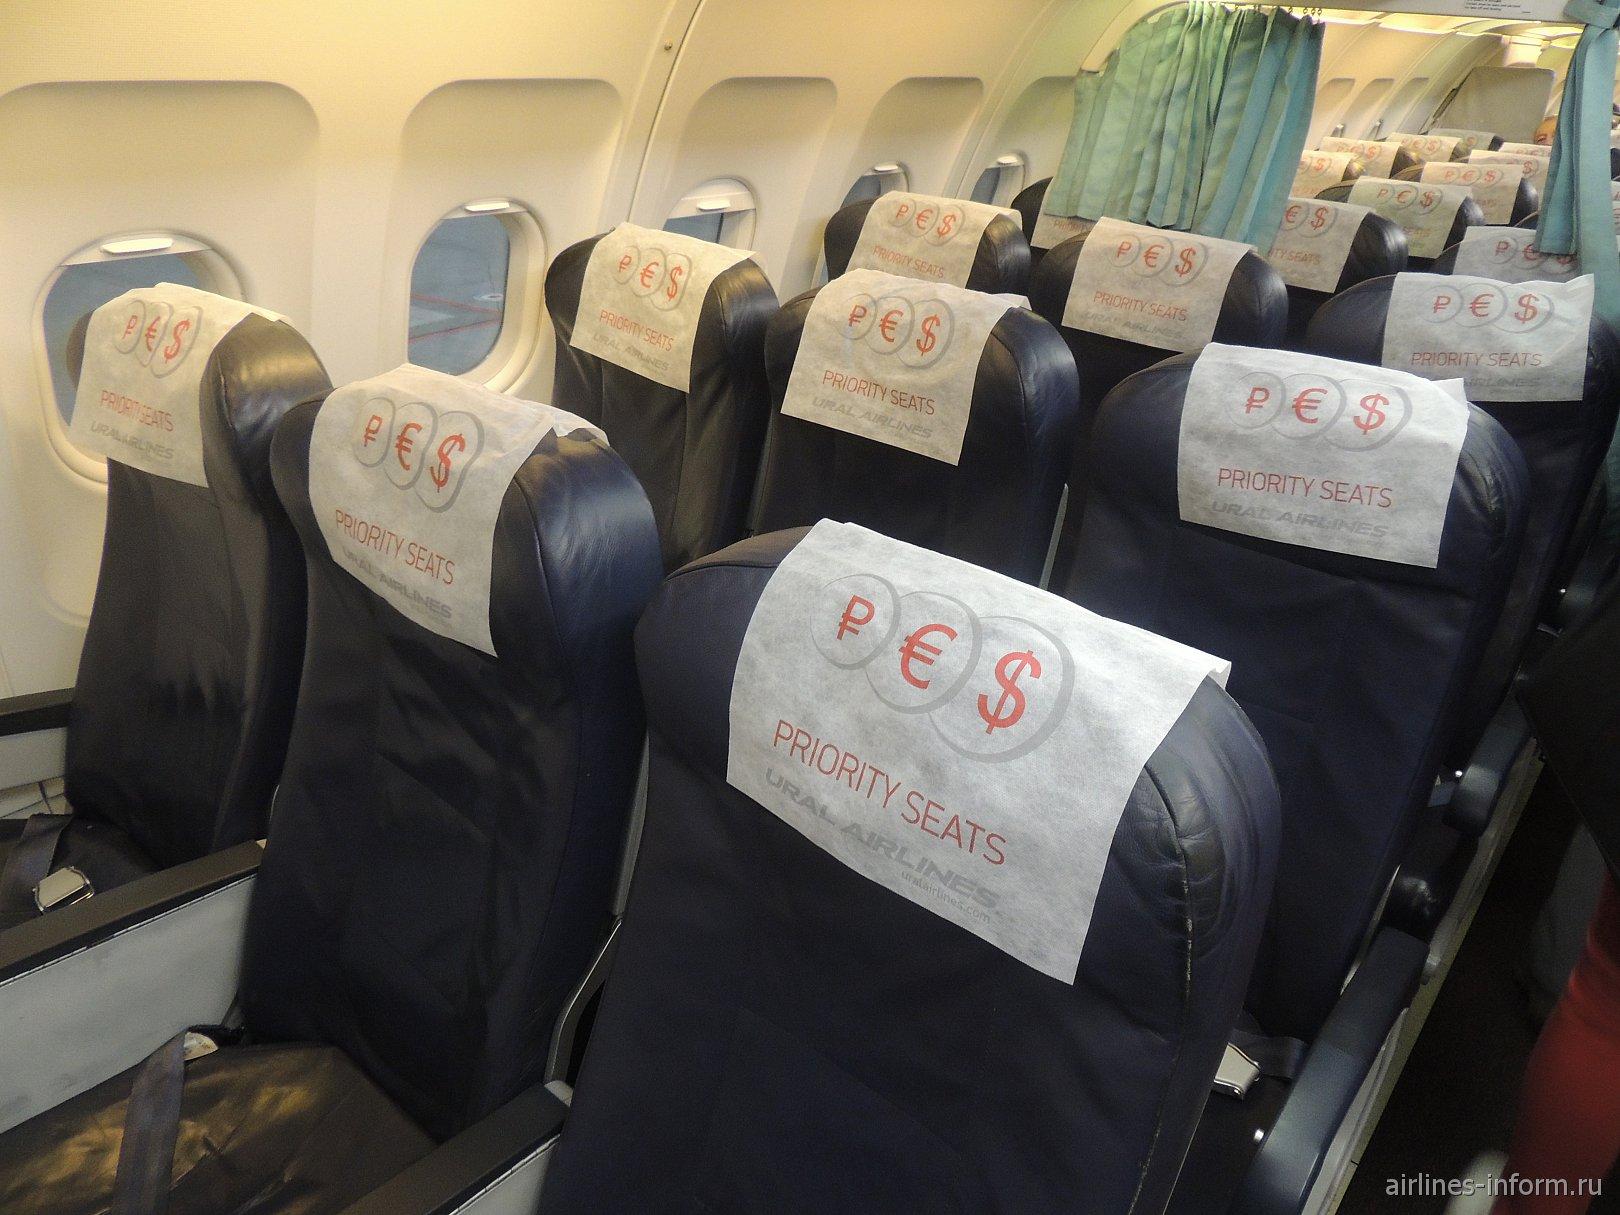 Места приоритетной посадки в начале салона Airbus A321 Уральских авиалиний